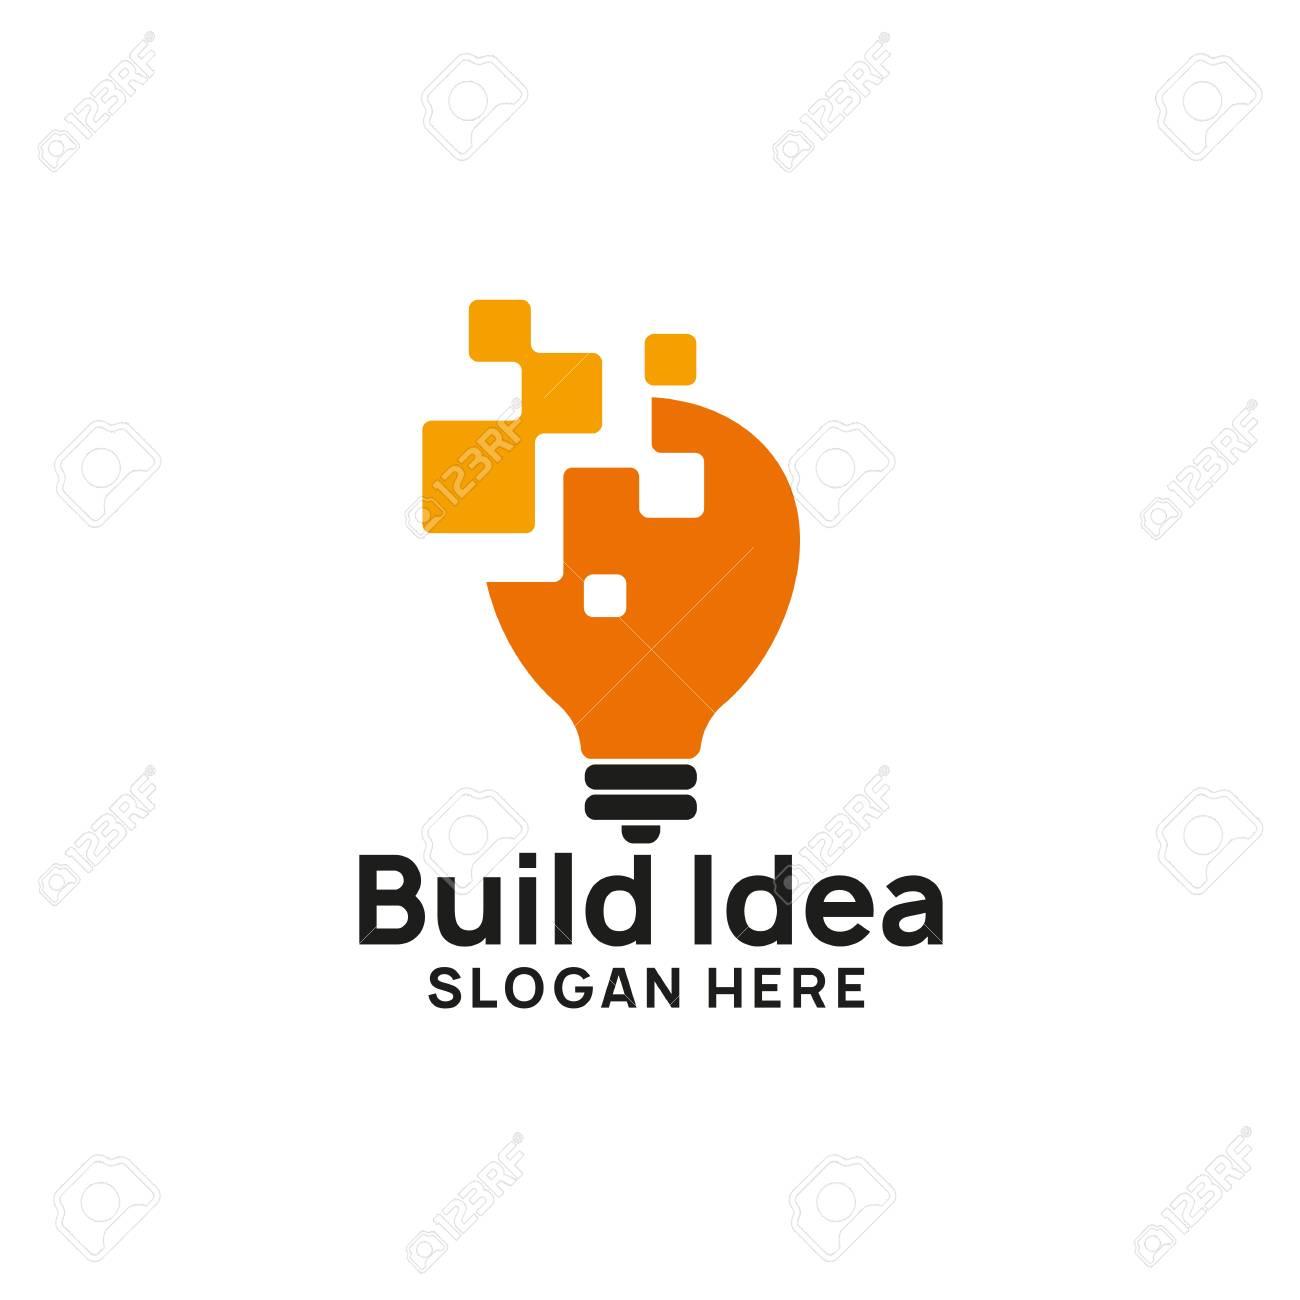 creative idea logo design template. bulb icon symbol designs - 117595401